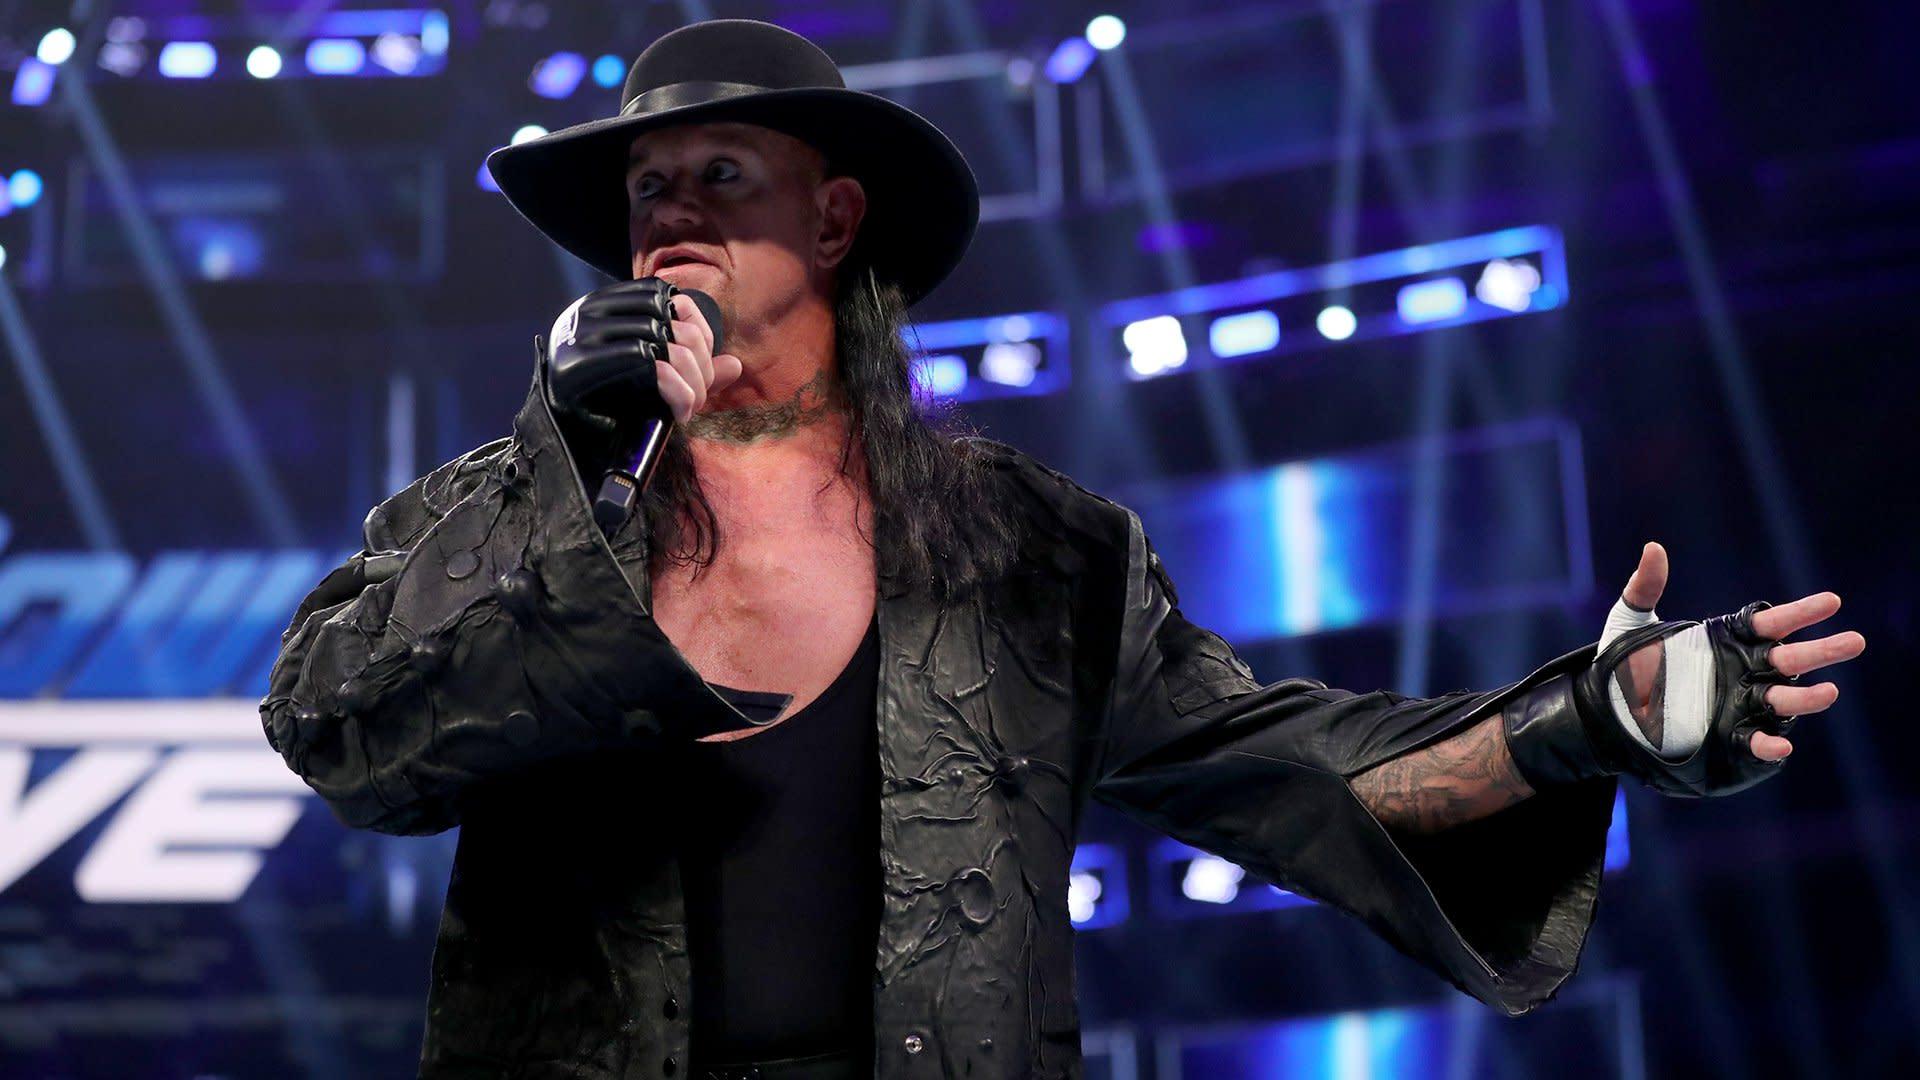 WrestleMania 36 Night 1 match grades: Undertaker better than expected; Strowman, Goldberg produce a stinker